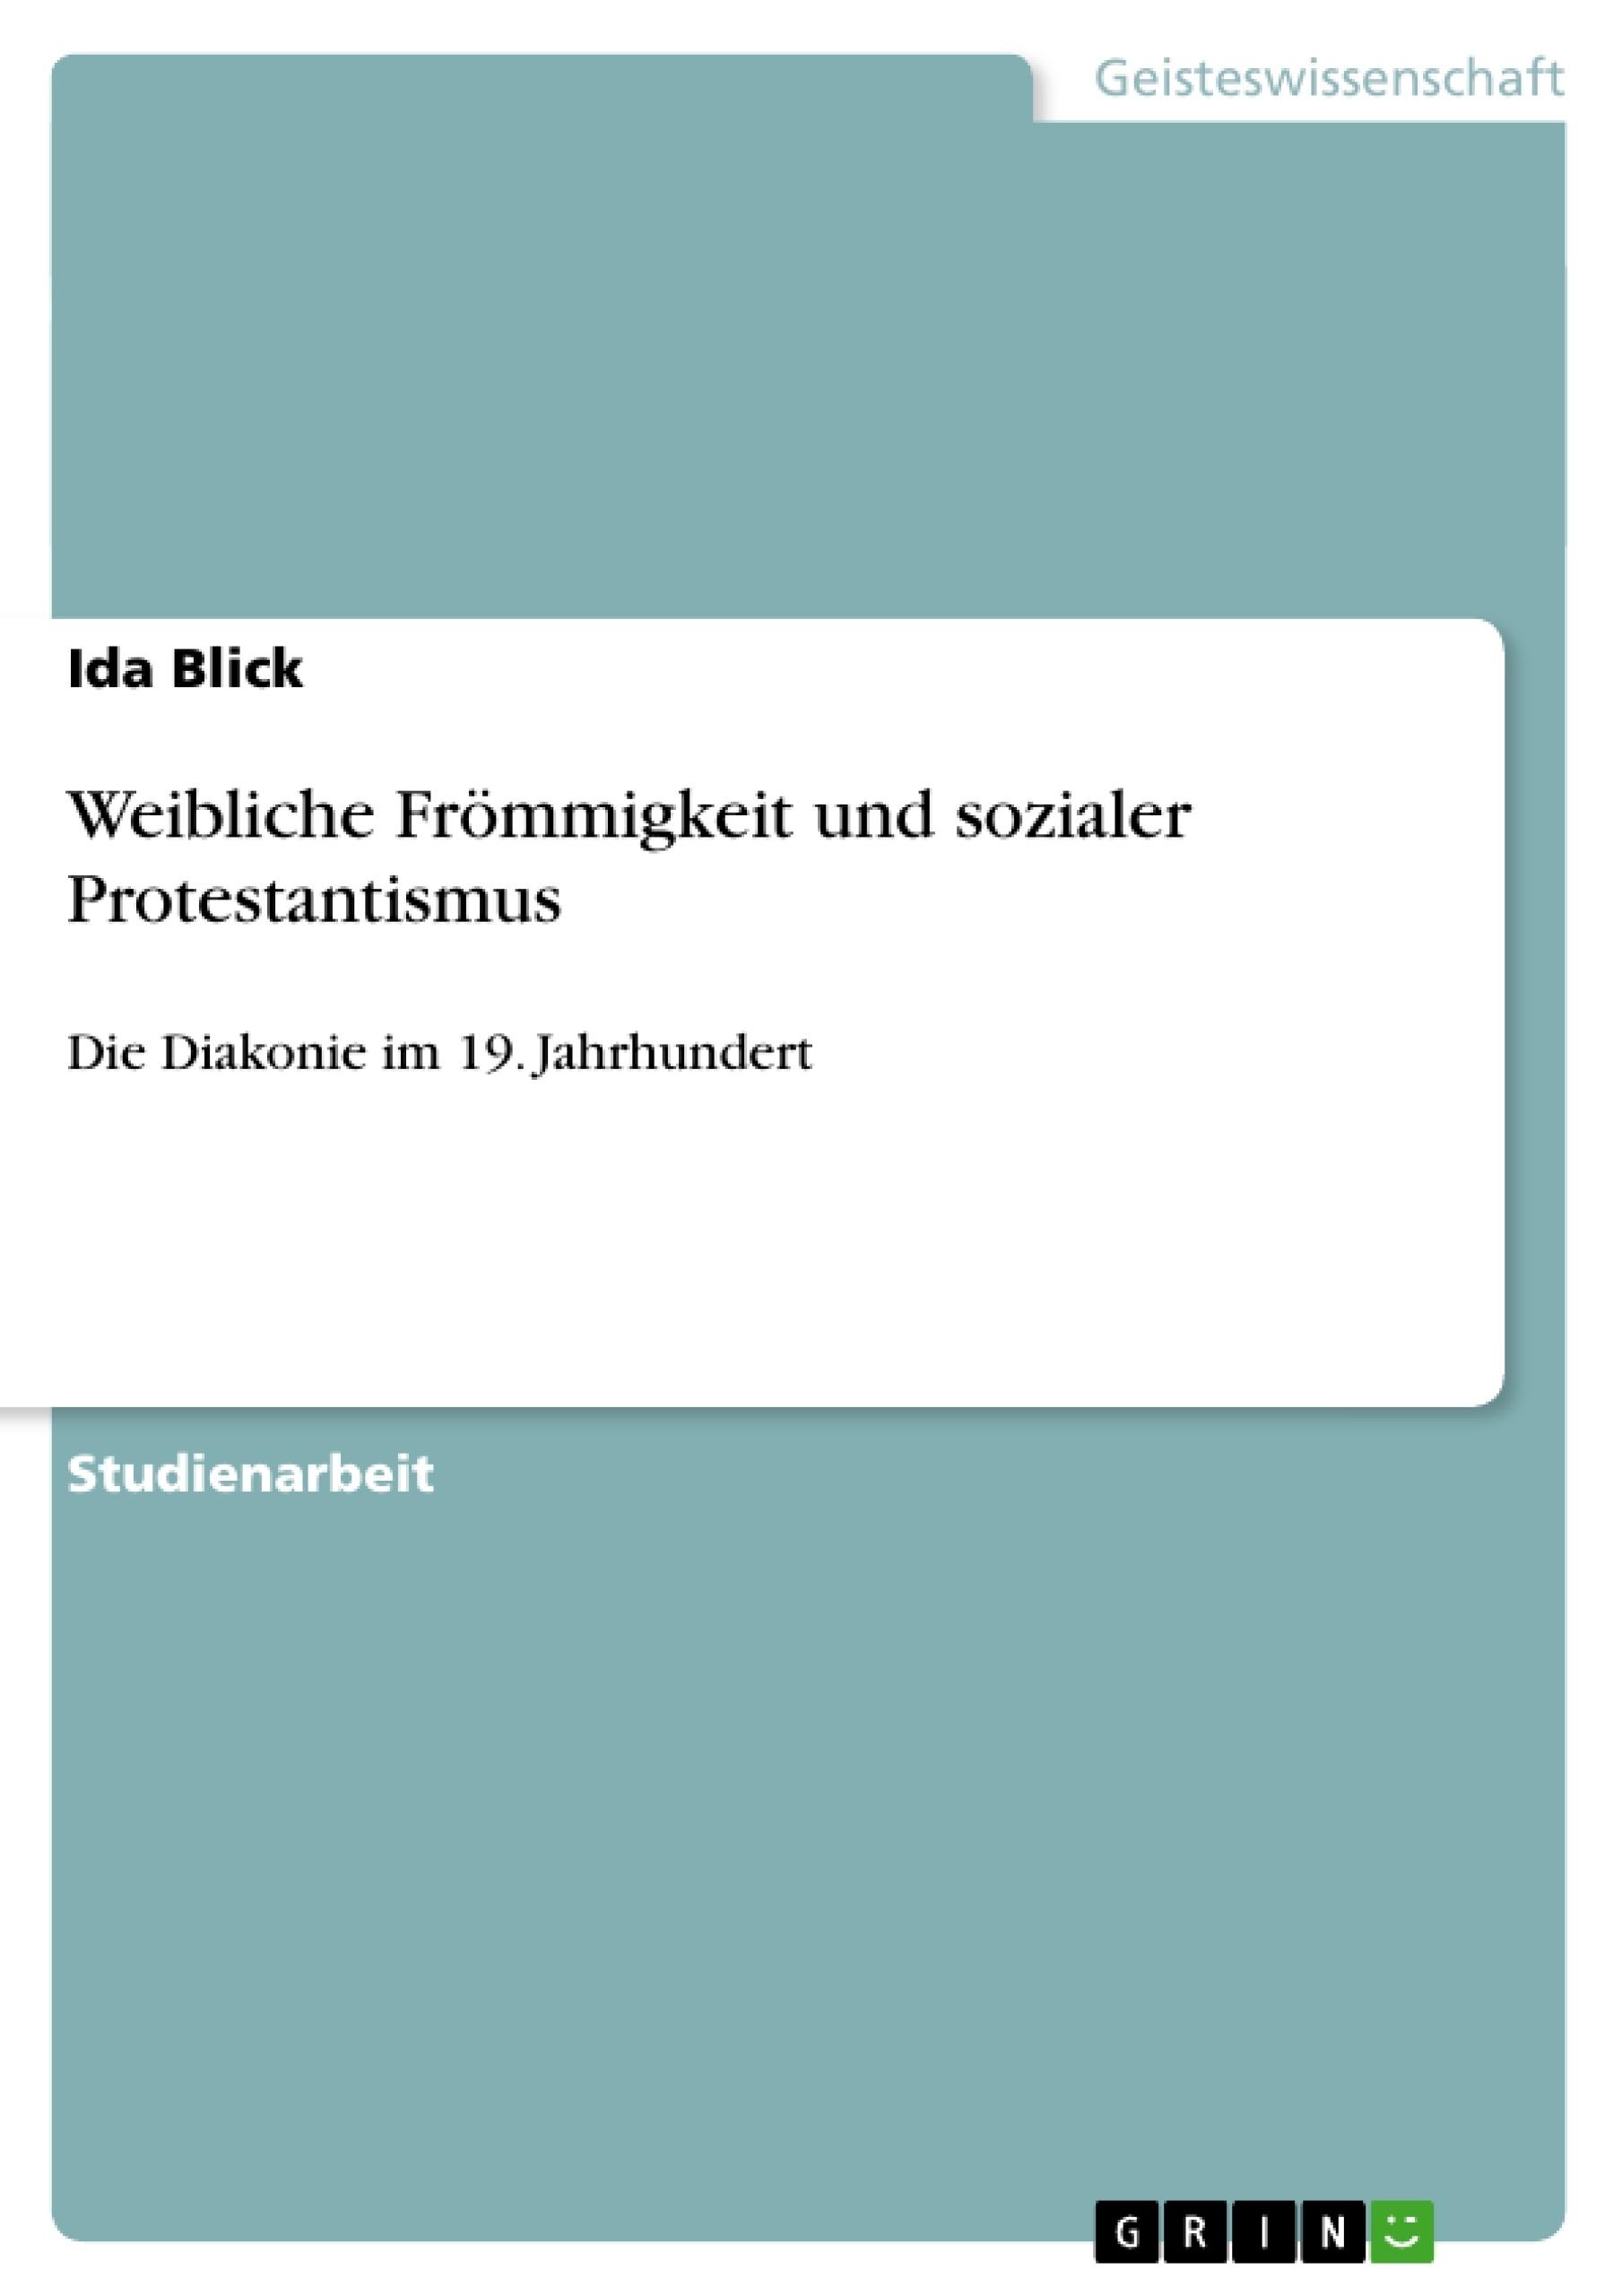 Titel: Weibliche Frömmigkeit und sozialer Protestantismus